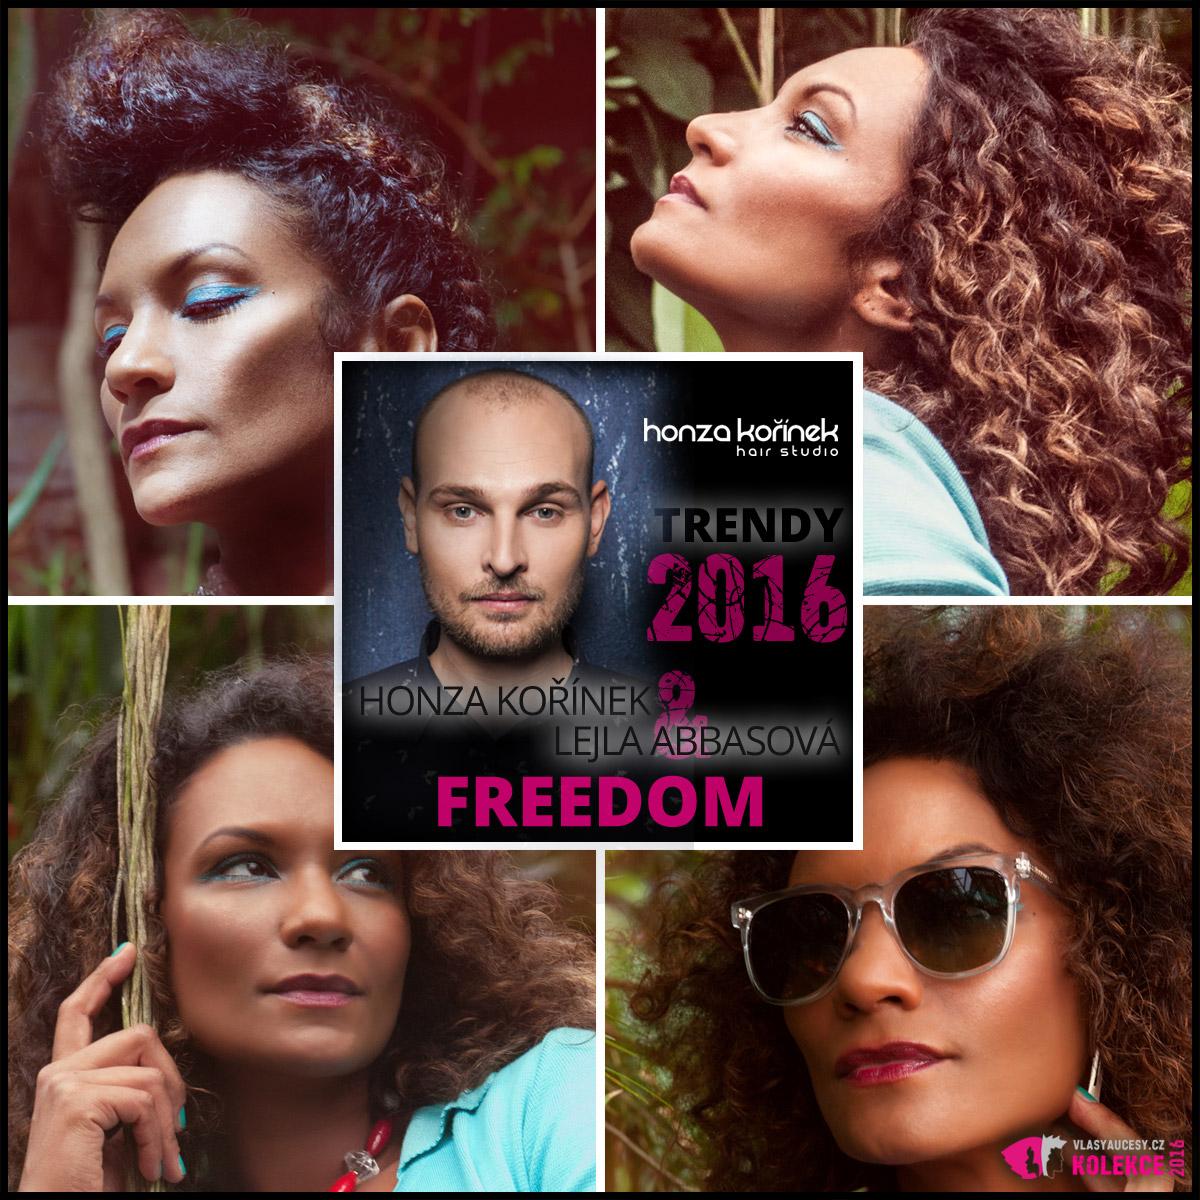 Modelka Lejla Abbasová v kolekci Freedom 2016 od známého kadeřníka Honzy Kořínka